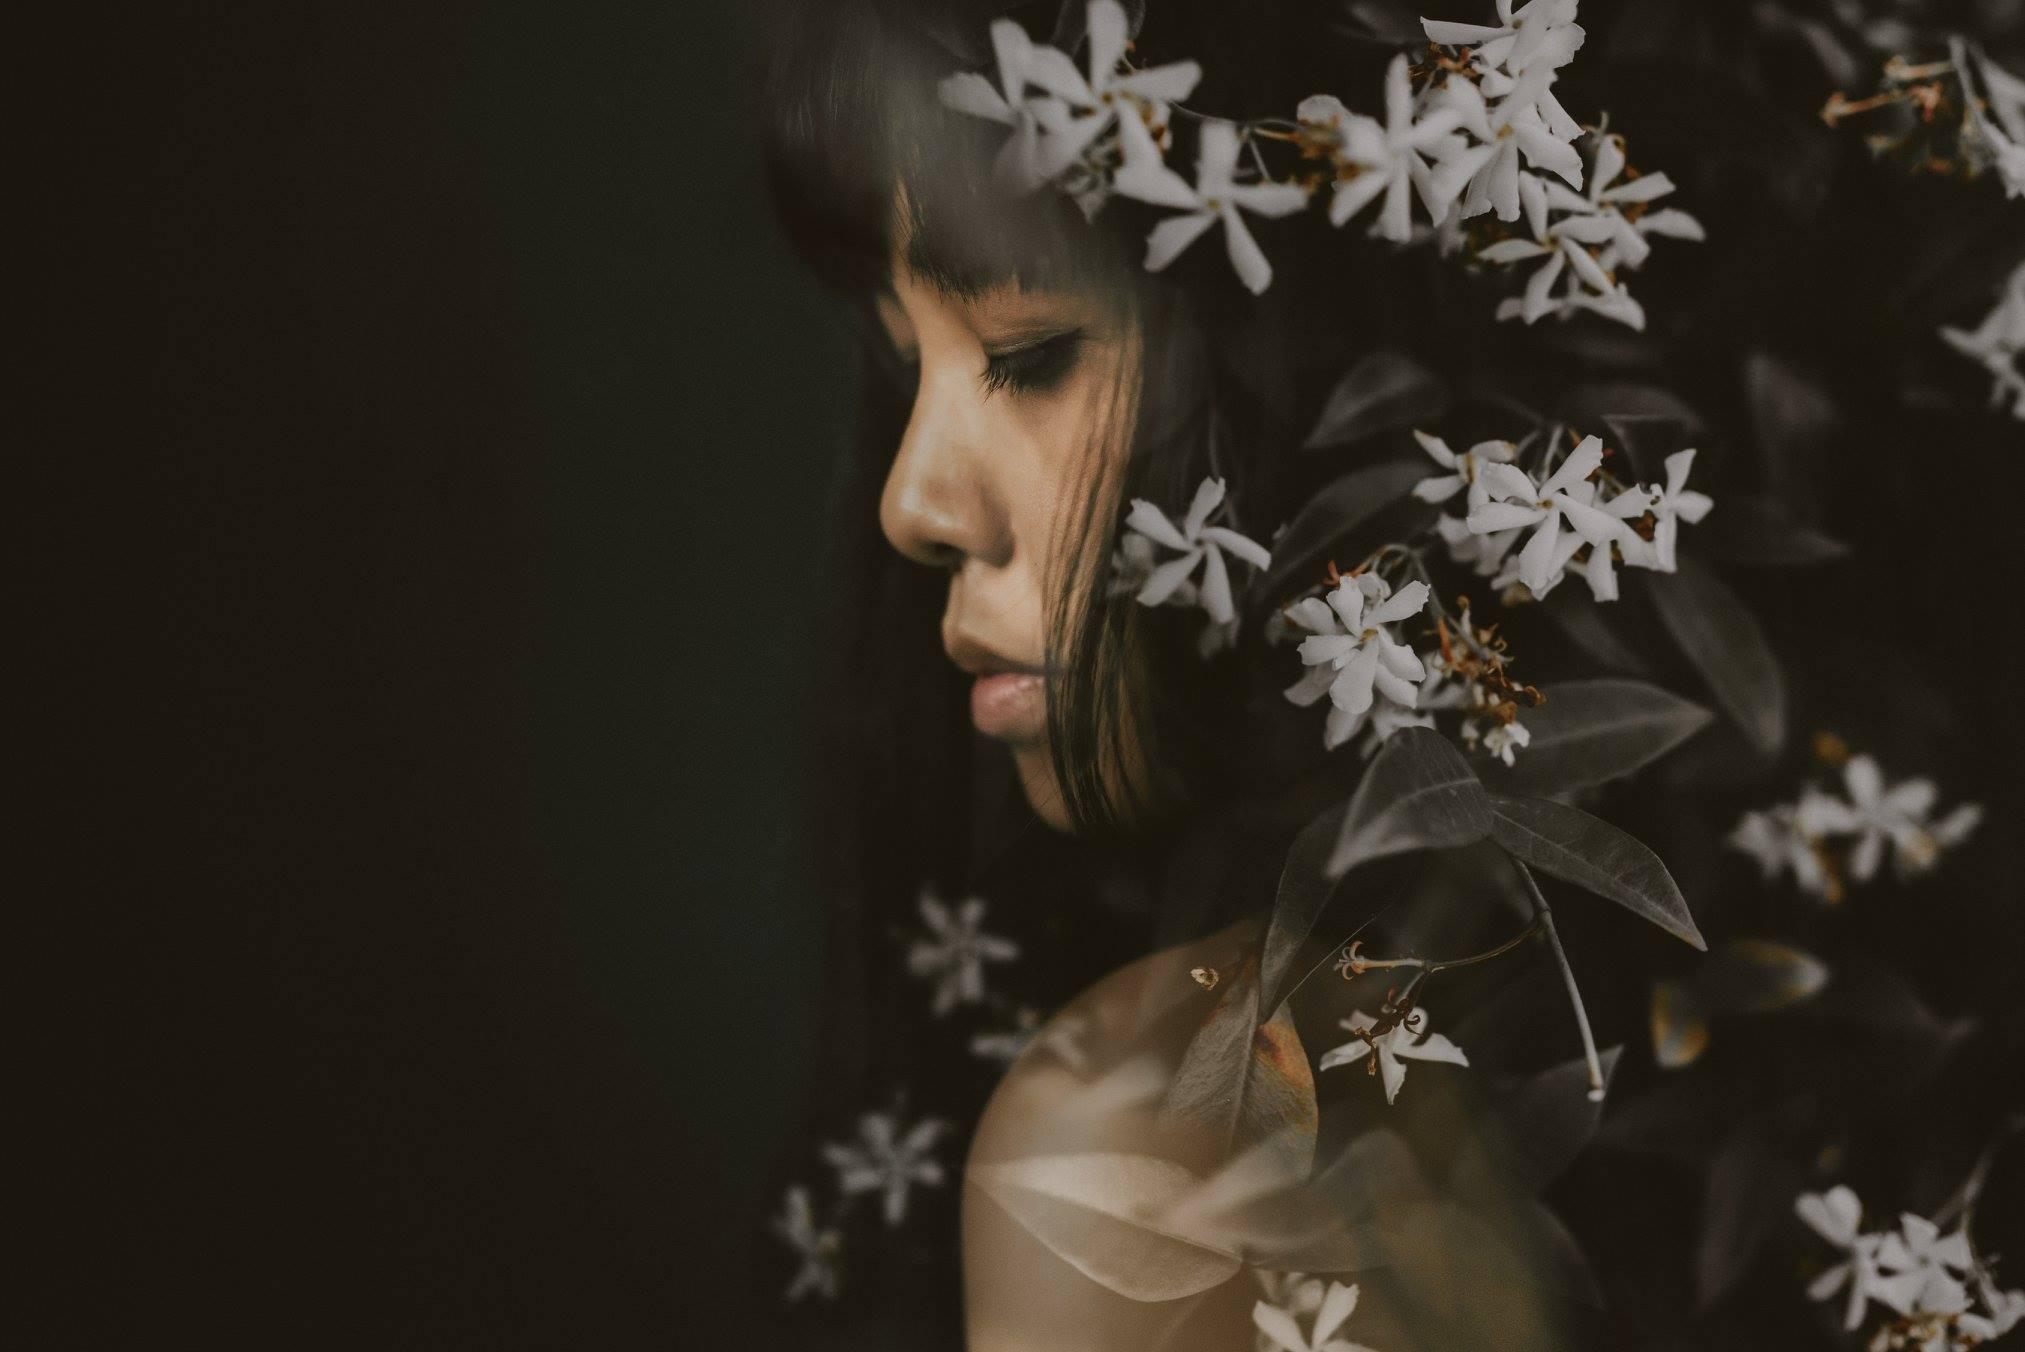 Christina Quach